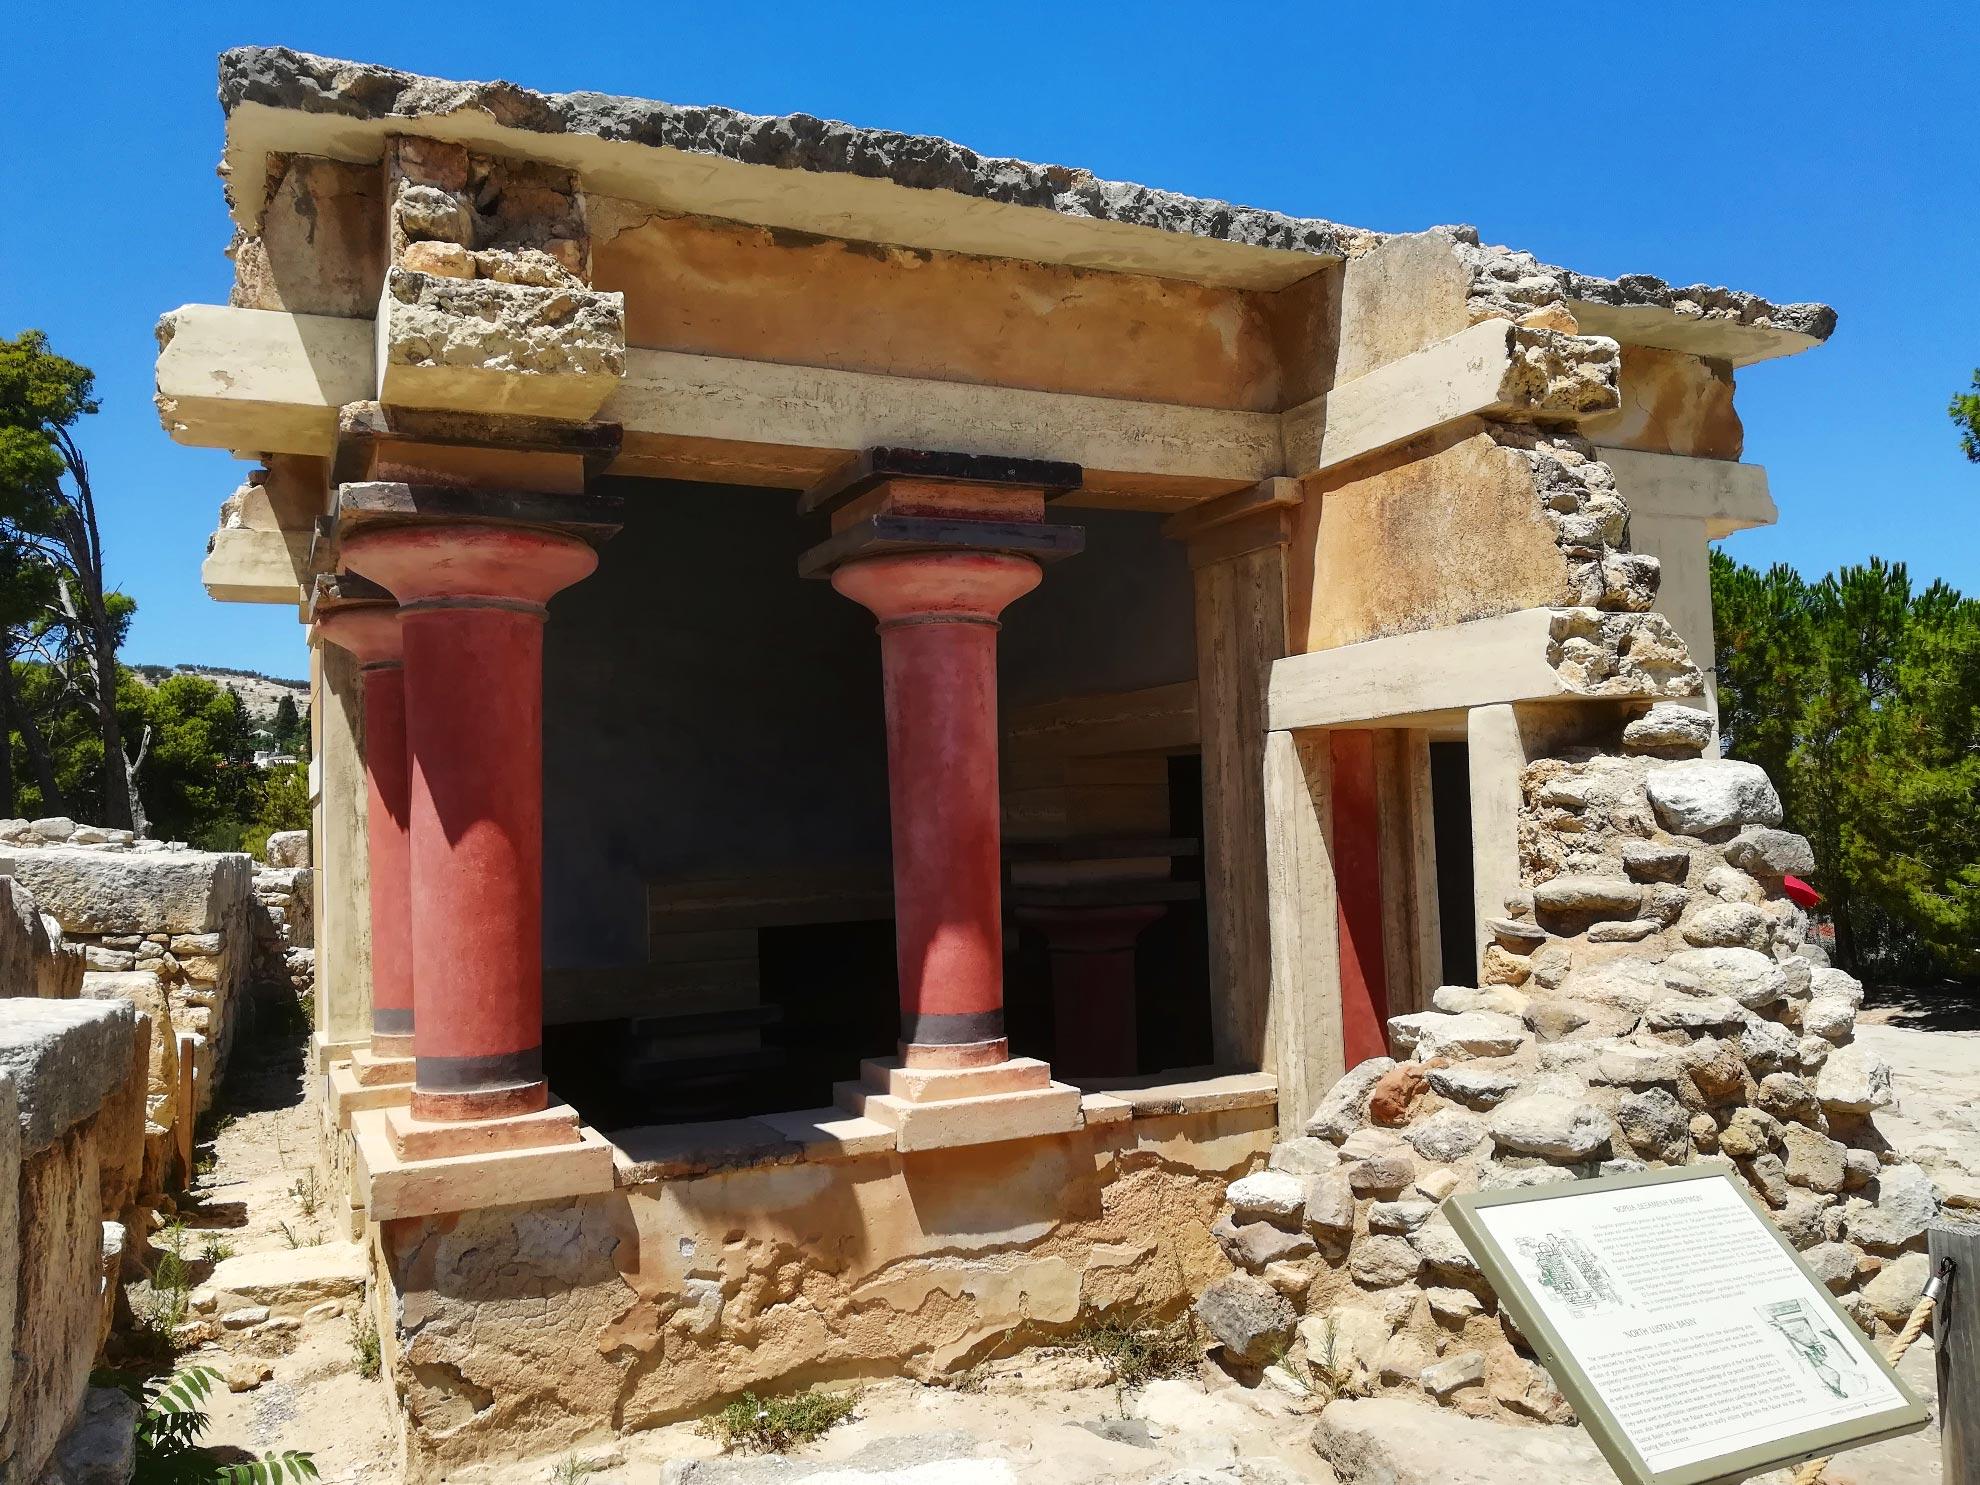 rovine dell'antico Palazzo di Cnosso, Creta, Grecia